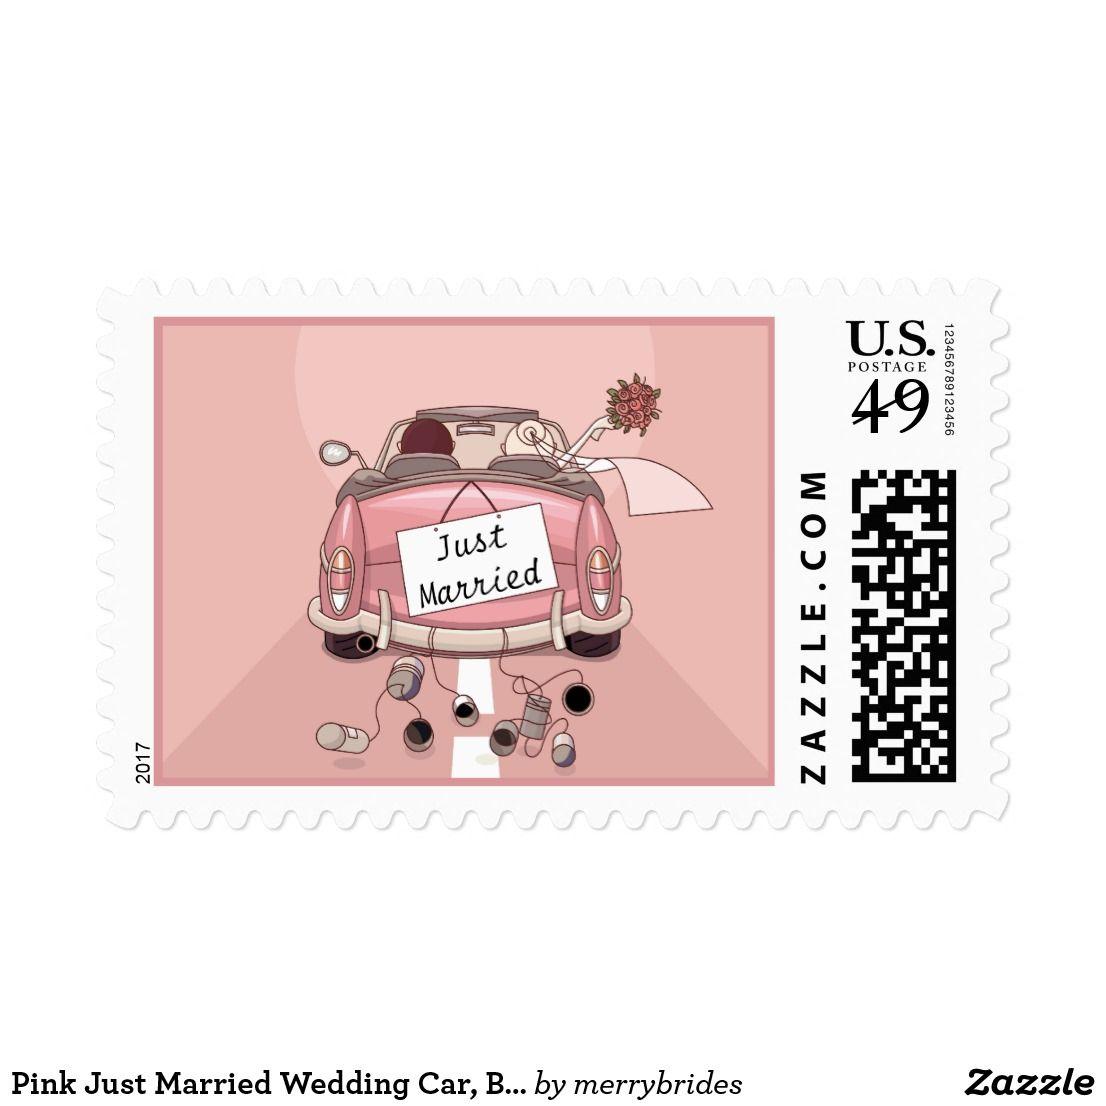 Pink Just Married Wedding Car, Bride & Groom Postage | Wedding cars